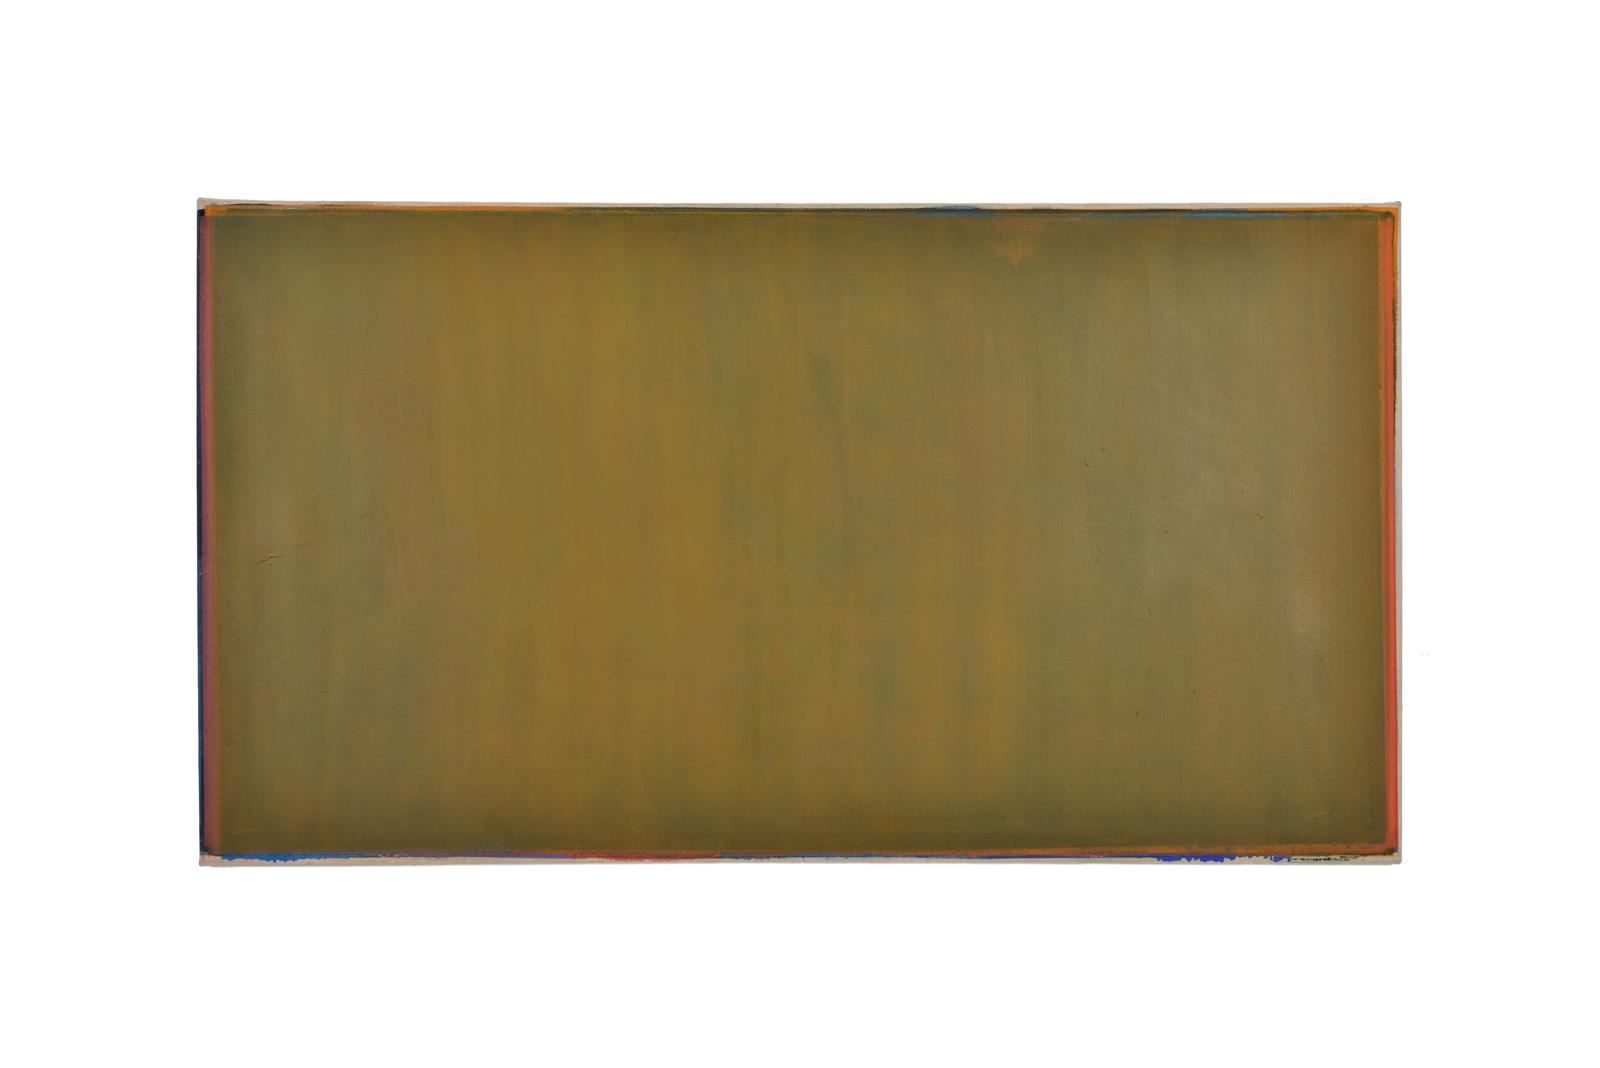 rotorange und blaugrün, 2016, 99x180 | rosso-arancione e blu-verde, 99x180